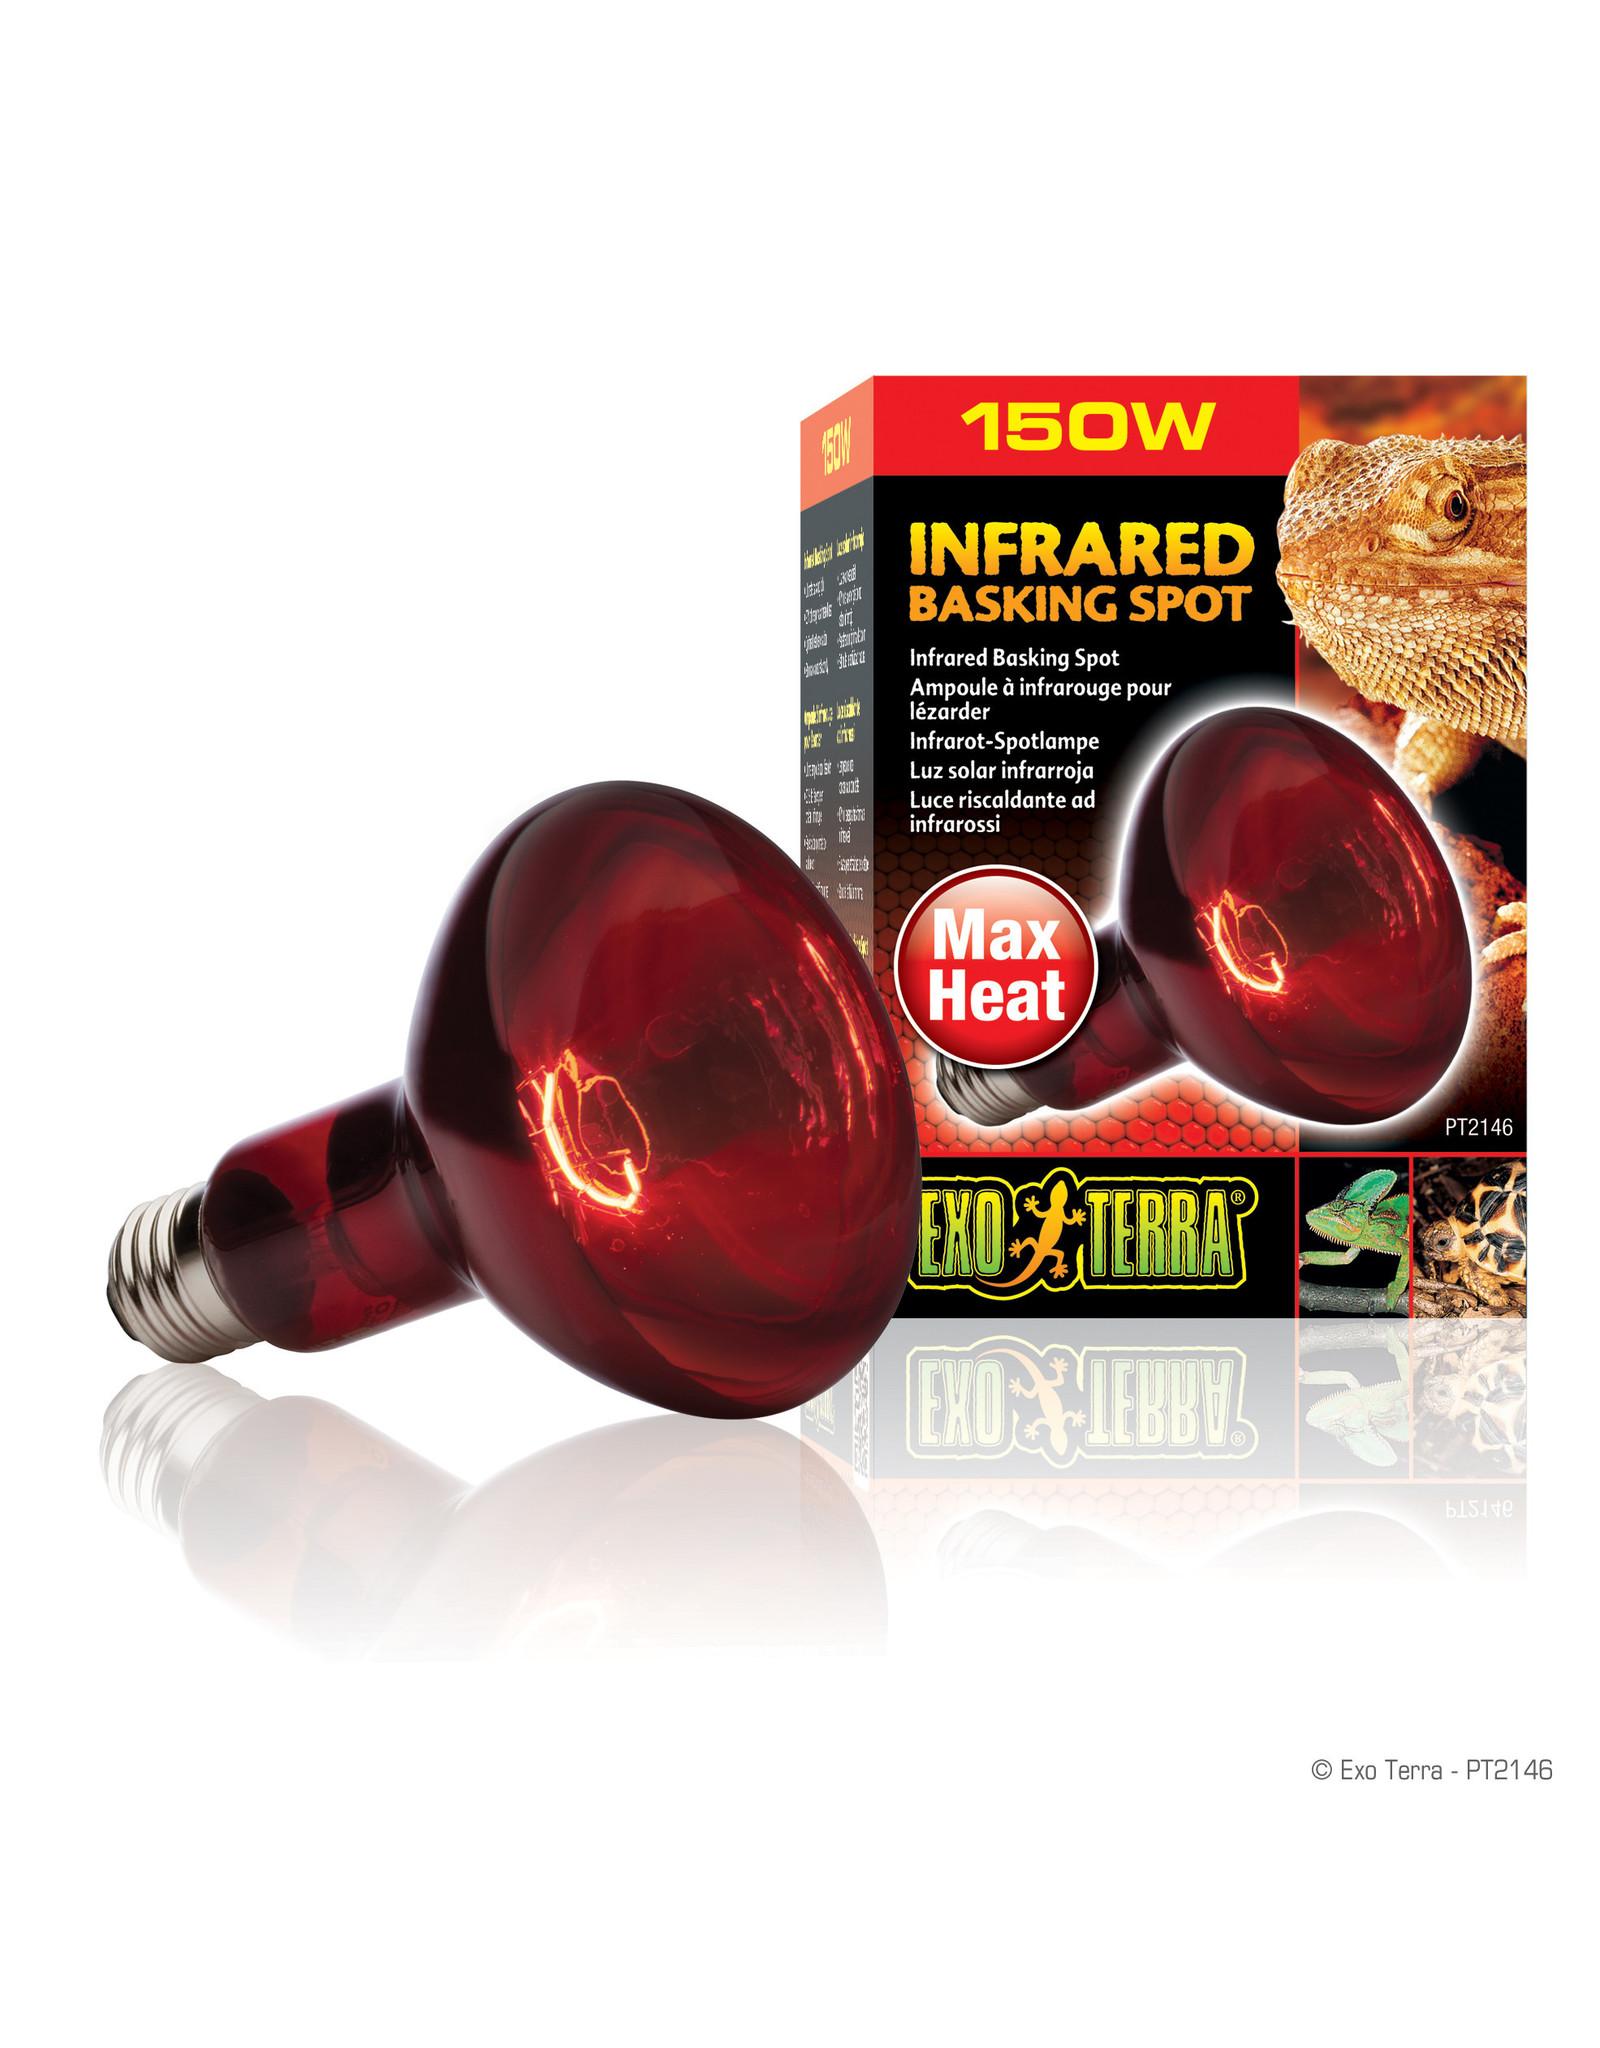 Exo Terra Infrared Basking Spot R30/150W